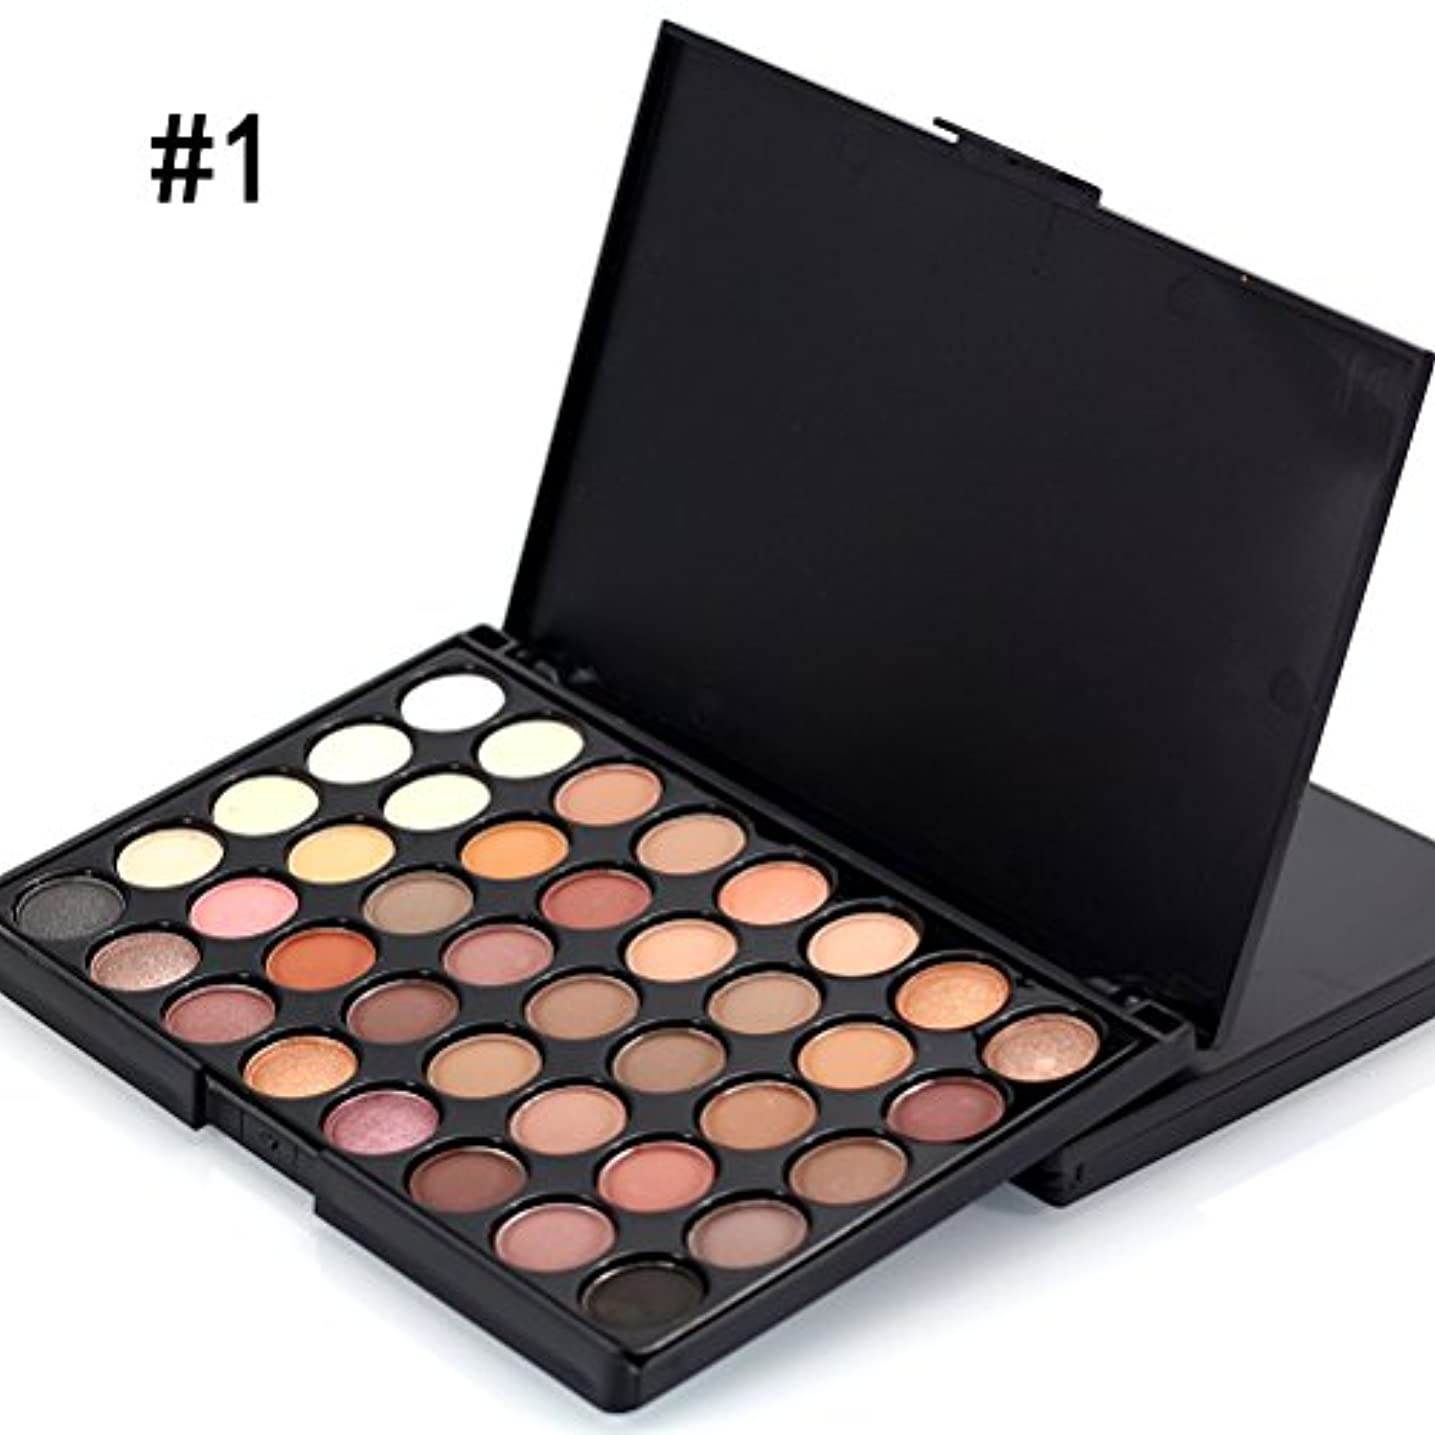 トレース豊富に喪MakeupAccプロ仕様40色アイシャドウパレット ラメ マット アイシャドウボックス お洒落 アイメイクツール メイクアップパレット 化粧セット コスメ (#1)